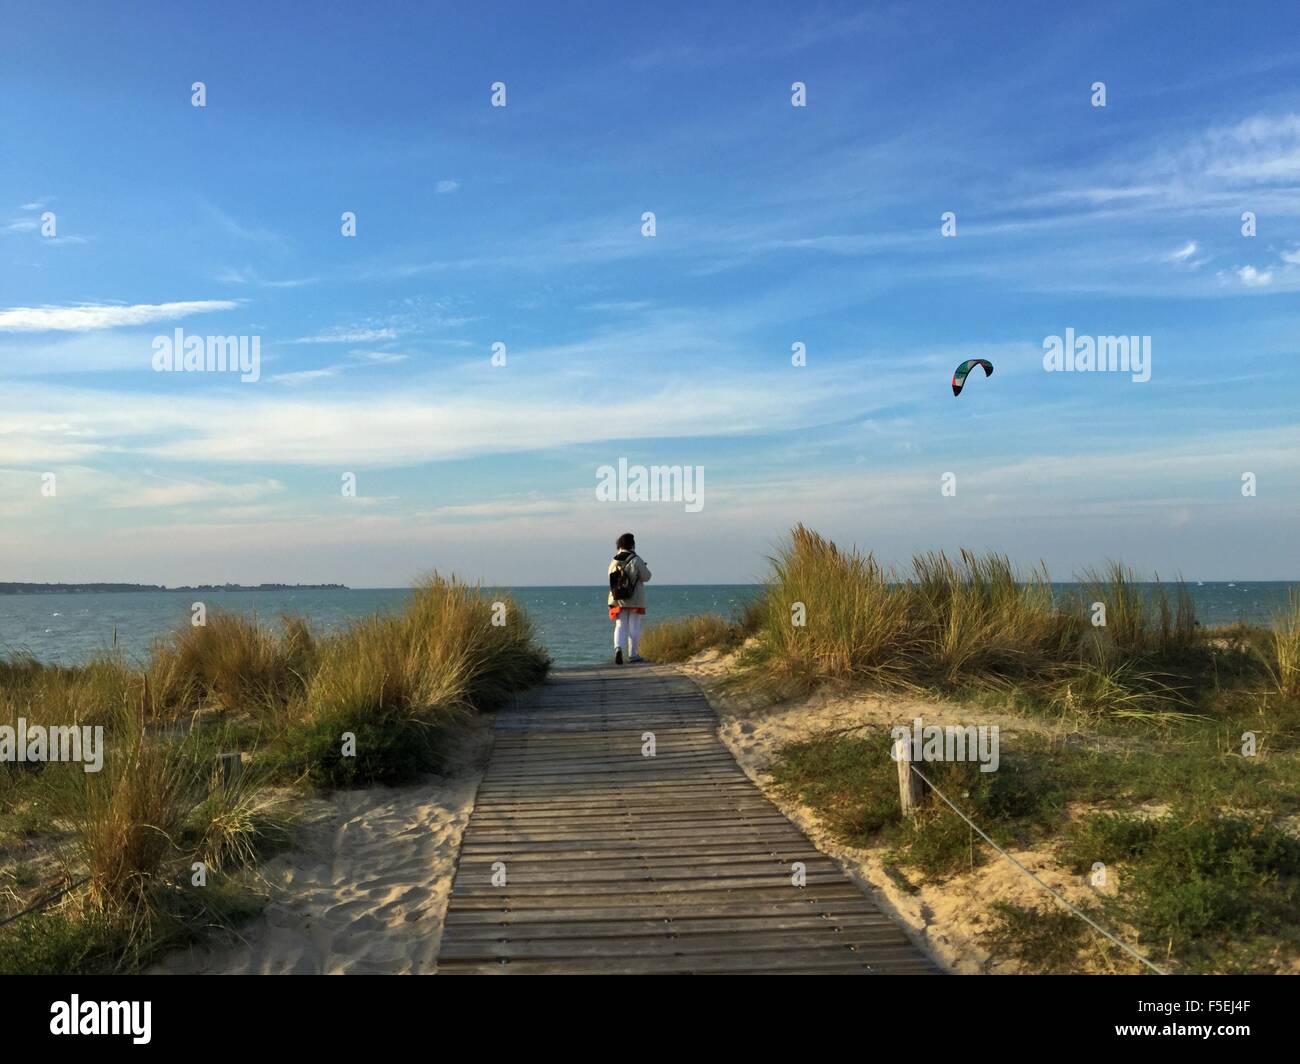 Vue arrière d'une femme debout sur la plage en regardant kiteboarder, La Rochelle, France Photo Stock